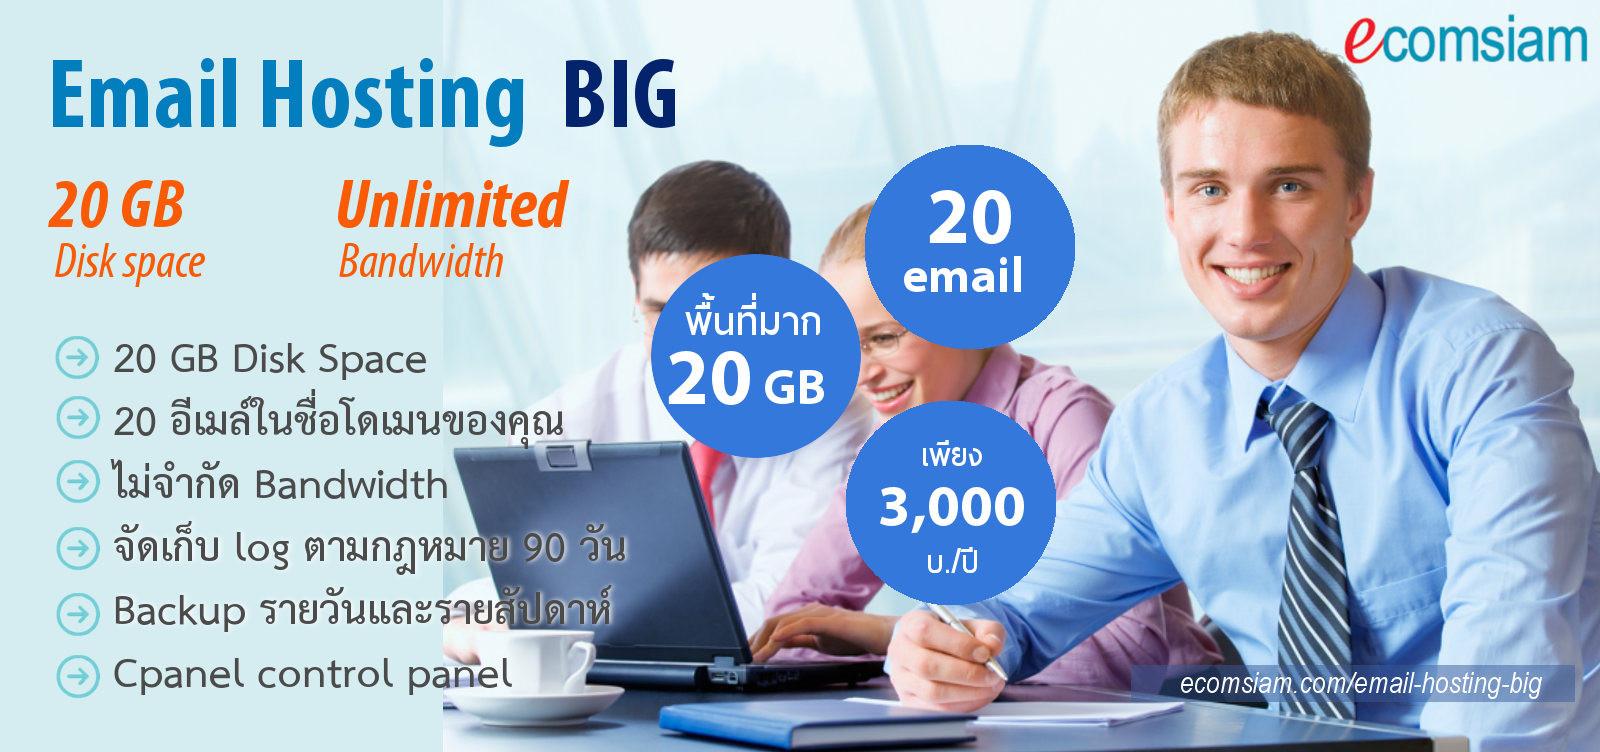 แนะนำ email hosting big data พื้นที่อีเมล์ขนาดใหญ่ ปลอดภัย ในราคาที่คุณพอใจ